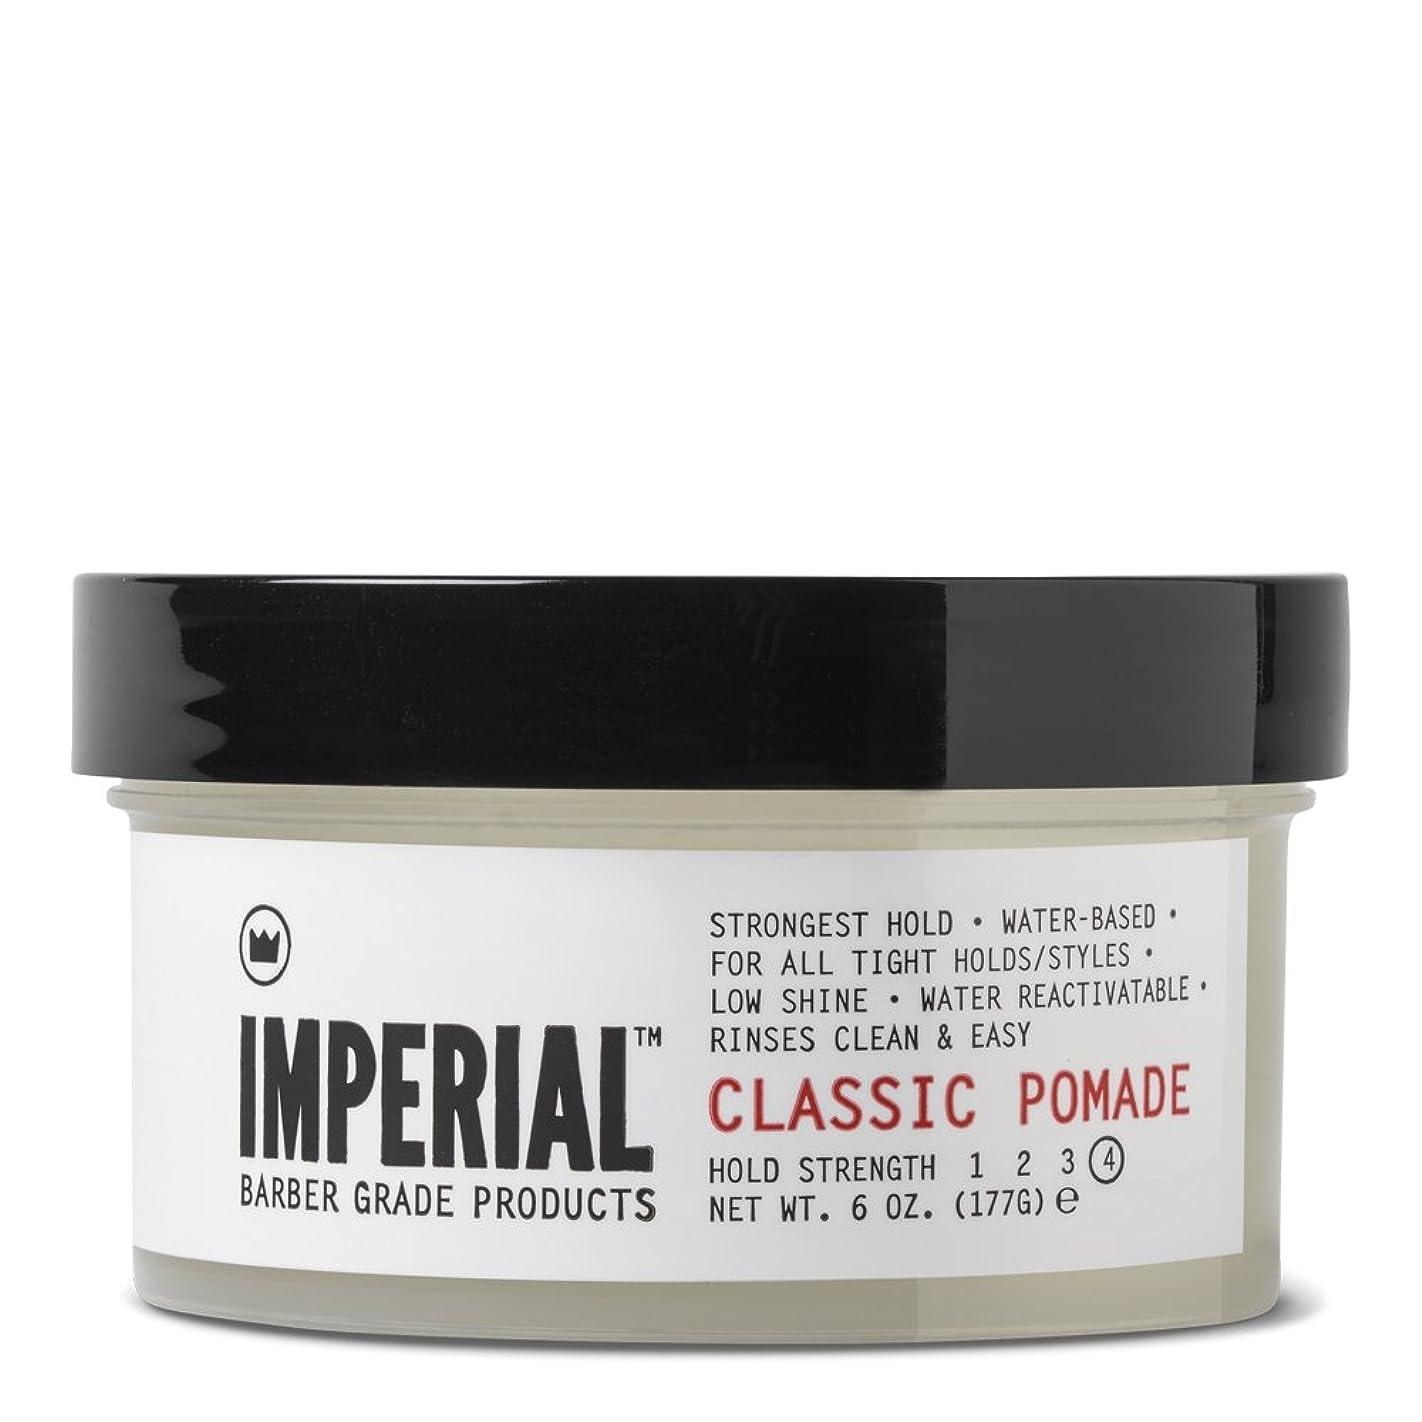 破滅条件付き多様体Imperial Barber グレード製品クラシックポマード、6オズ。 72.0オンス